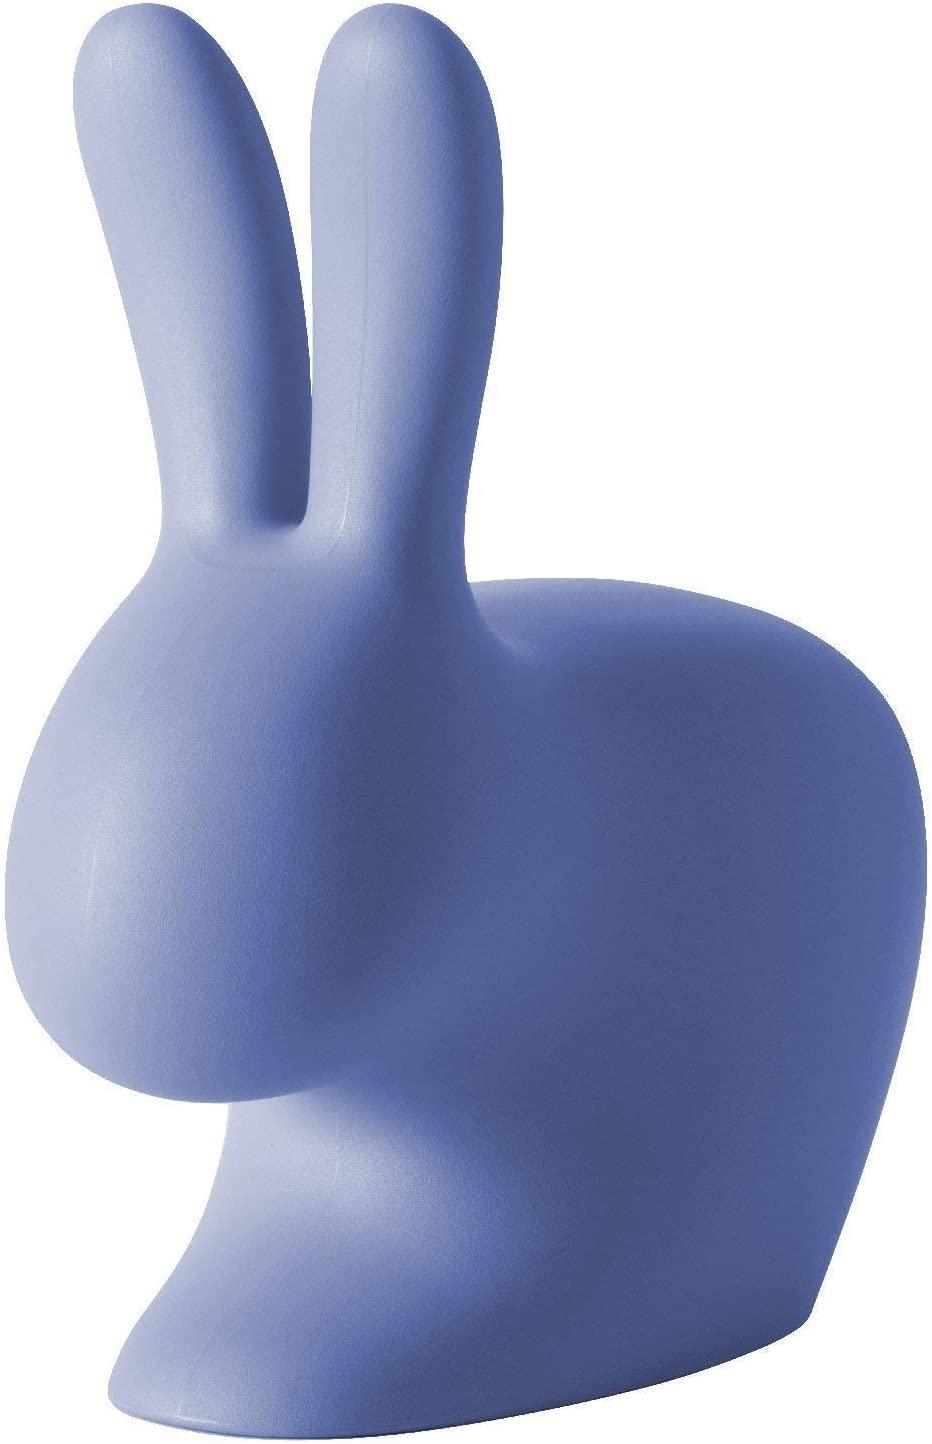 Chaise Rabbit Bleu clair Qeeboo Stefano Giovannoni 1